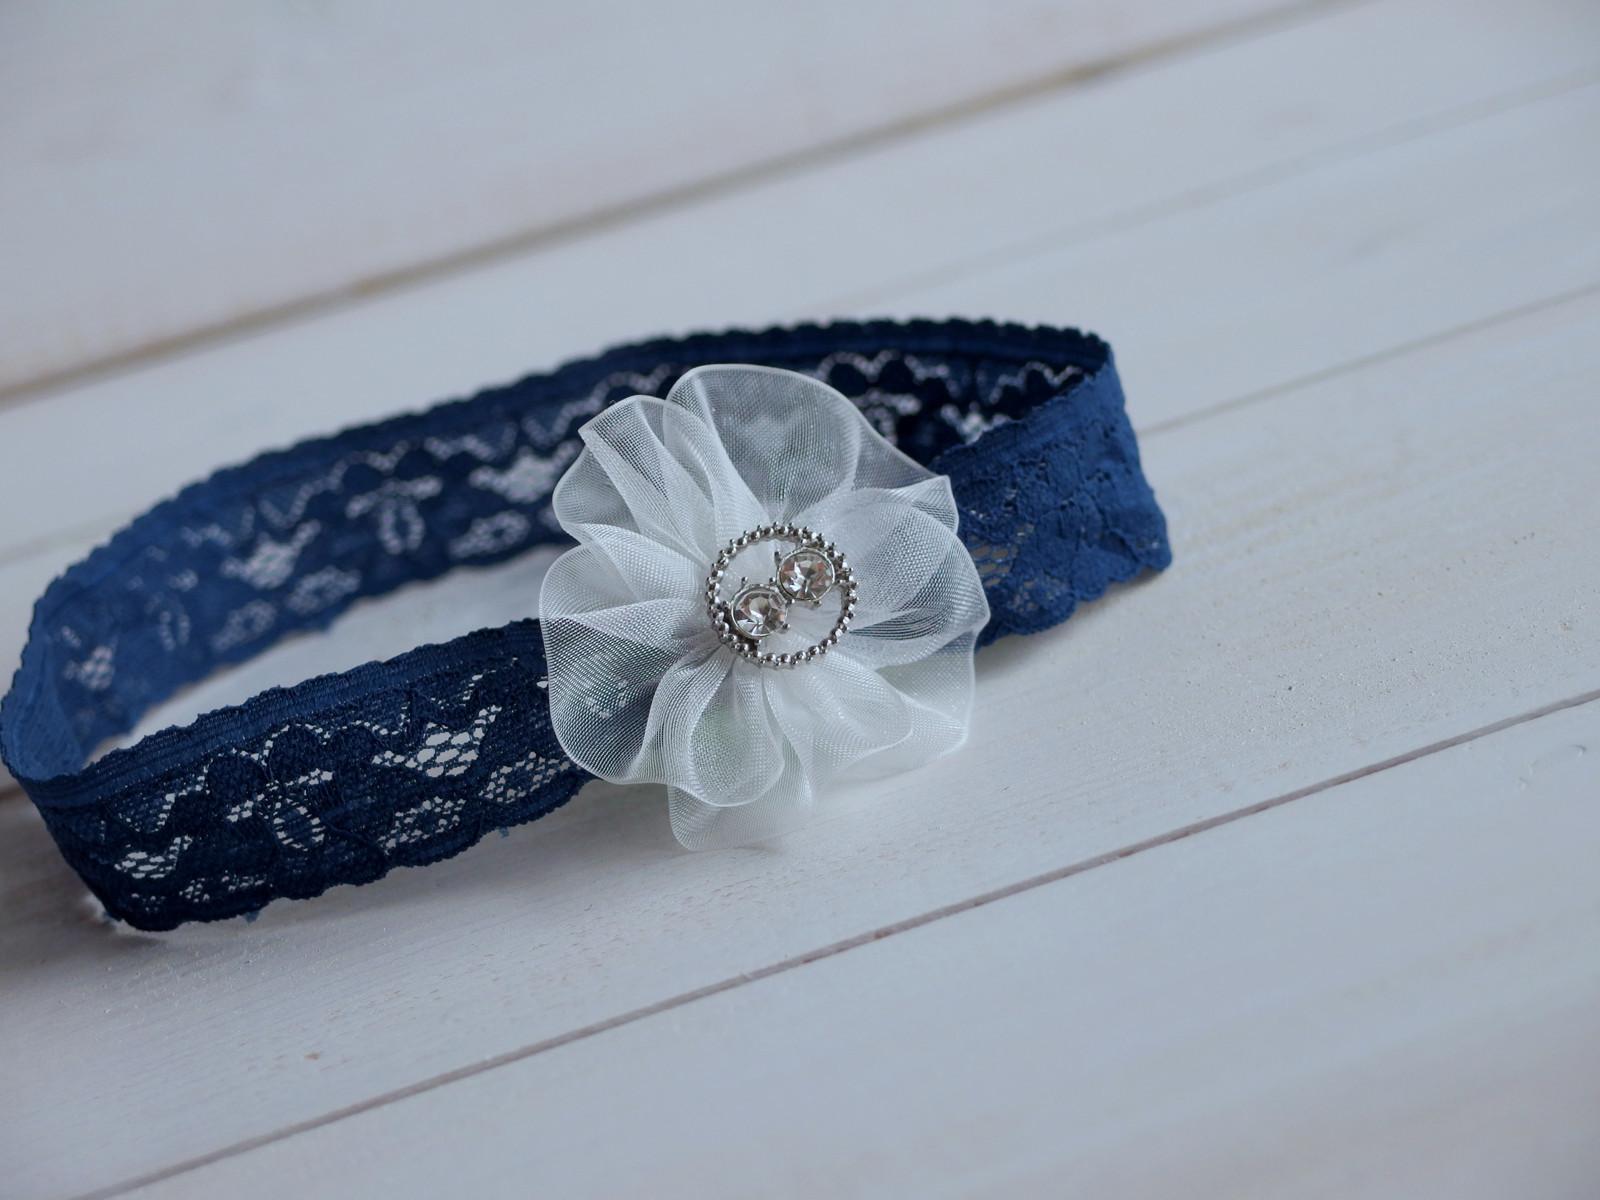 b8cdc9d4f0e Čelenka - tmavě modrá krajka s kytičkou a štrasem   Zboží prodejce ...